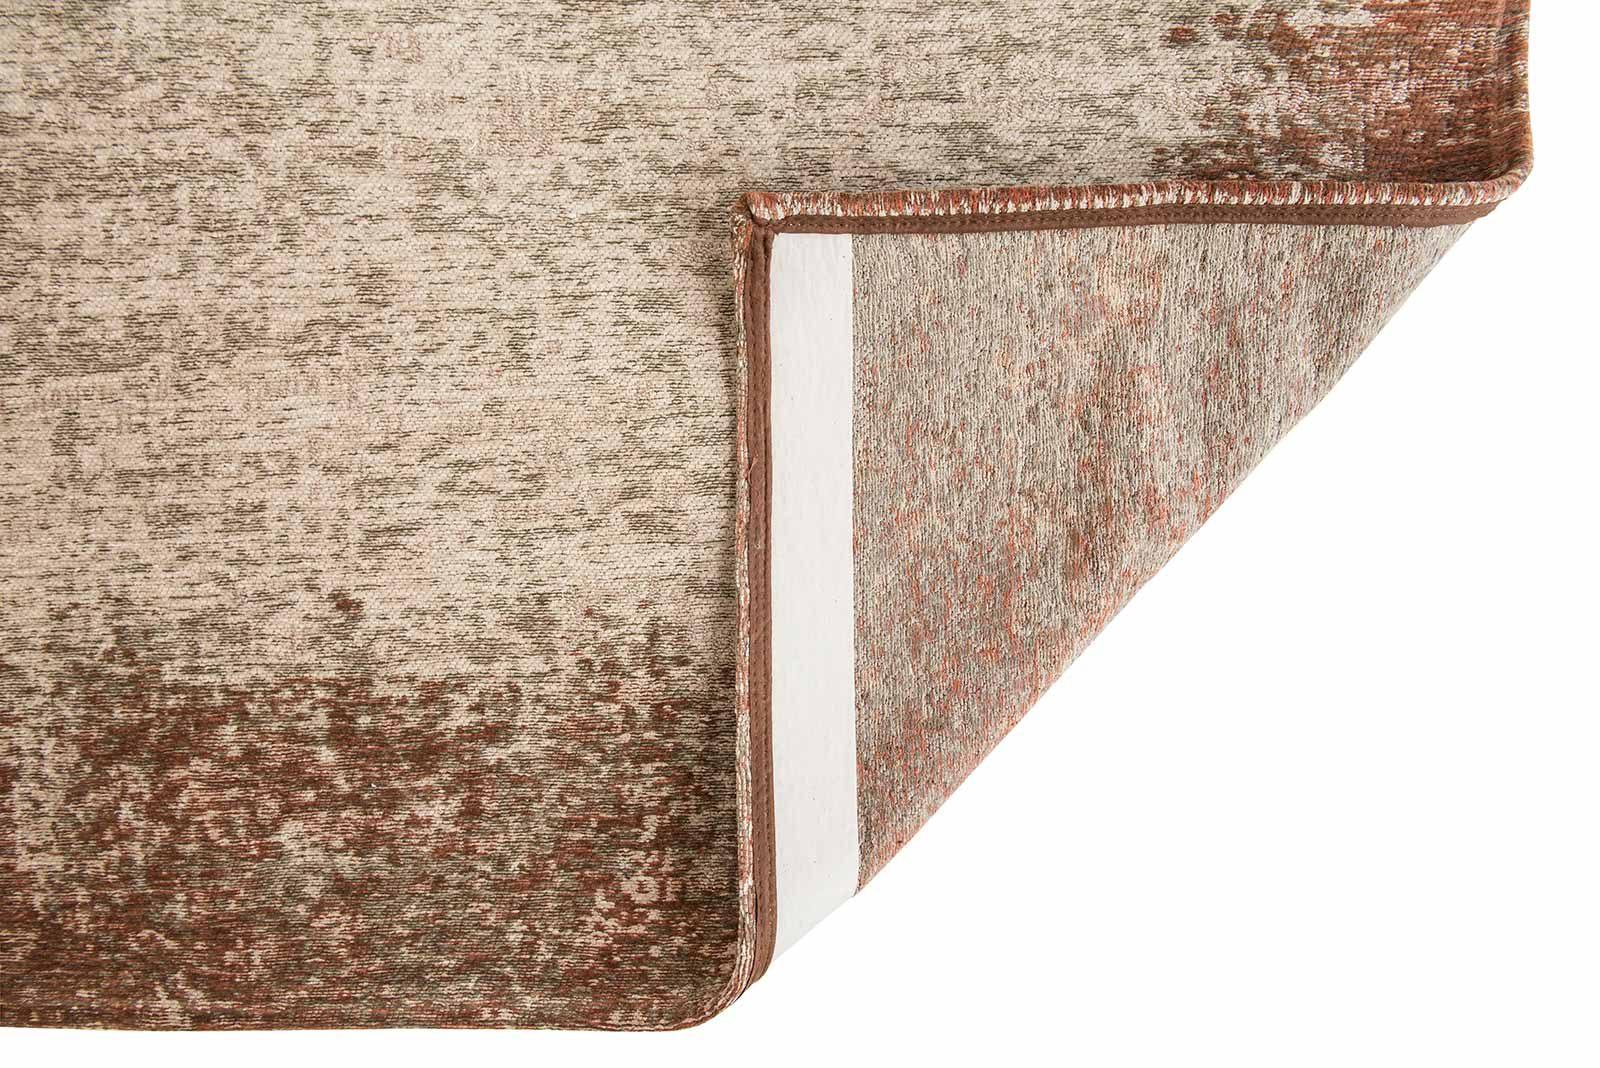 Louis De Poortere alfombras Villa Nova LX 8770 Marka Cognac back